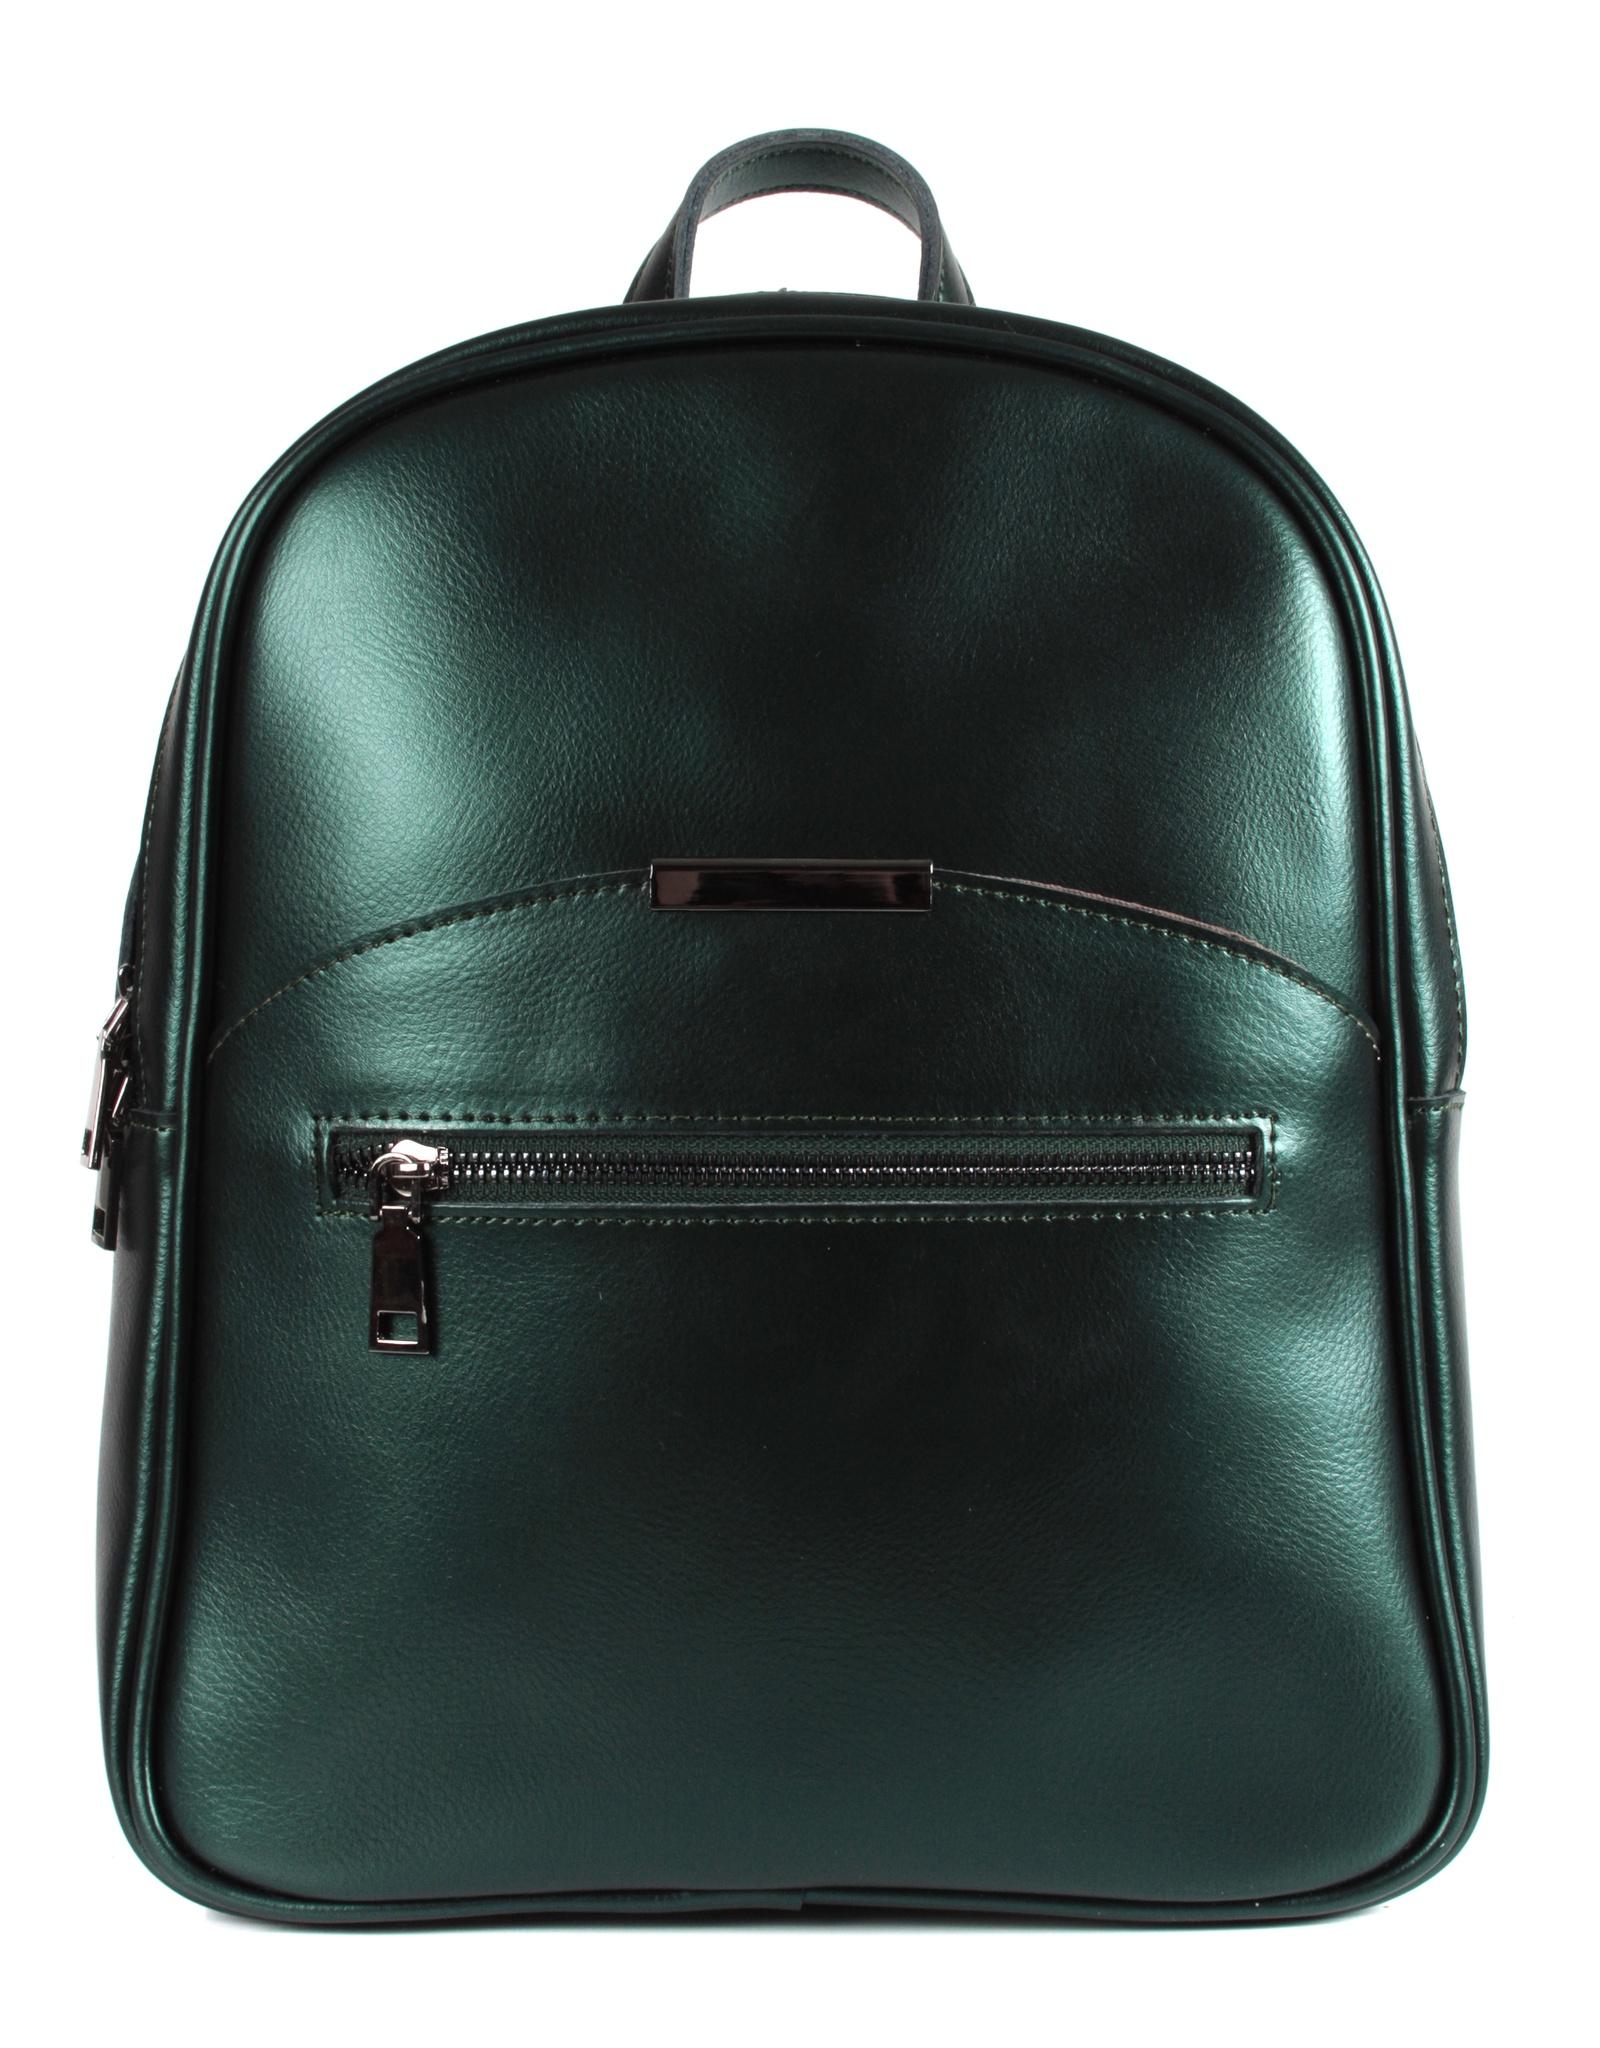 Рюкзак MEYNINGER женская, СВ271, СВ271/зеленый, зеленый рюкзак женский cross case цвет зеленый mb 3050